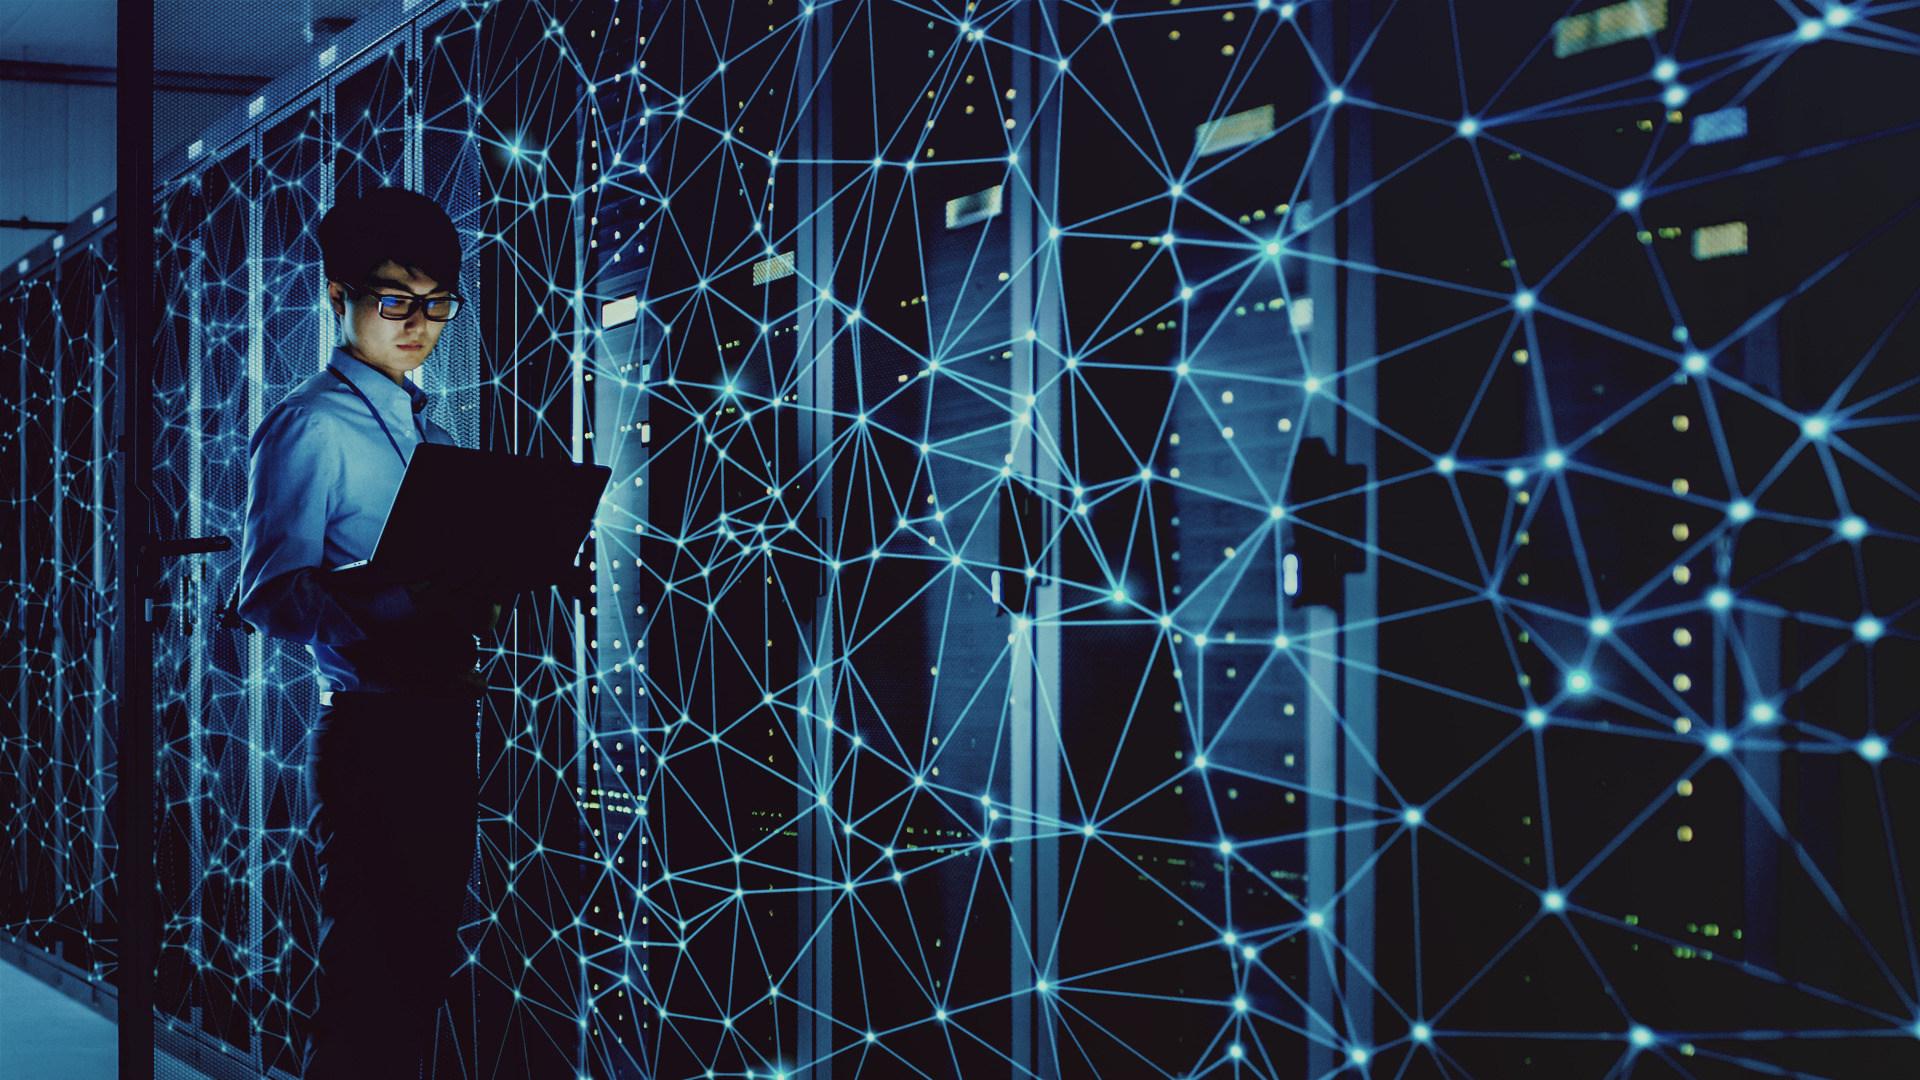 Sicherheit, Sicherheitslücke, Hacker, Security, Hack, Angriff, Server, Netzwerk, Cybercrime, Hacking, Cybersecurity, Supercomputer, Hackerangriff, Internetkriminalität, Darknet, Programmierer, Hacker Angriffe, Ethernet, Rechenzentrum, Cyber, Wartung, Serverfarm, Coder, Serverrack, Supercomputing, Rechenzentren, Datencenter, Datacenter, Serverraum, Serverschrank, Wartungsarbeiten, Engeneer